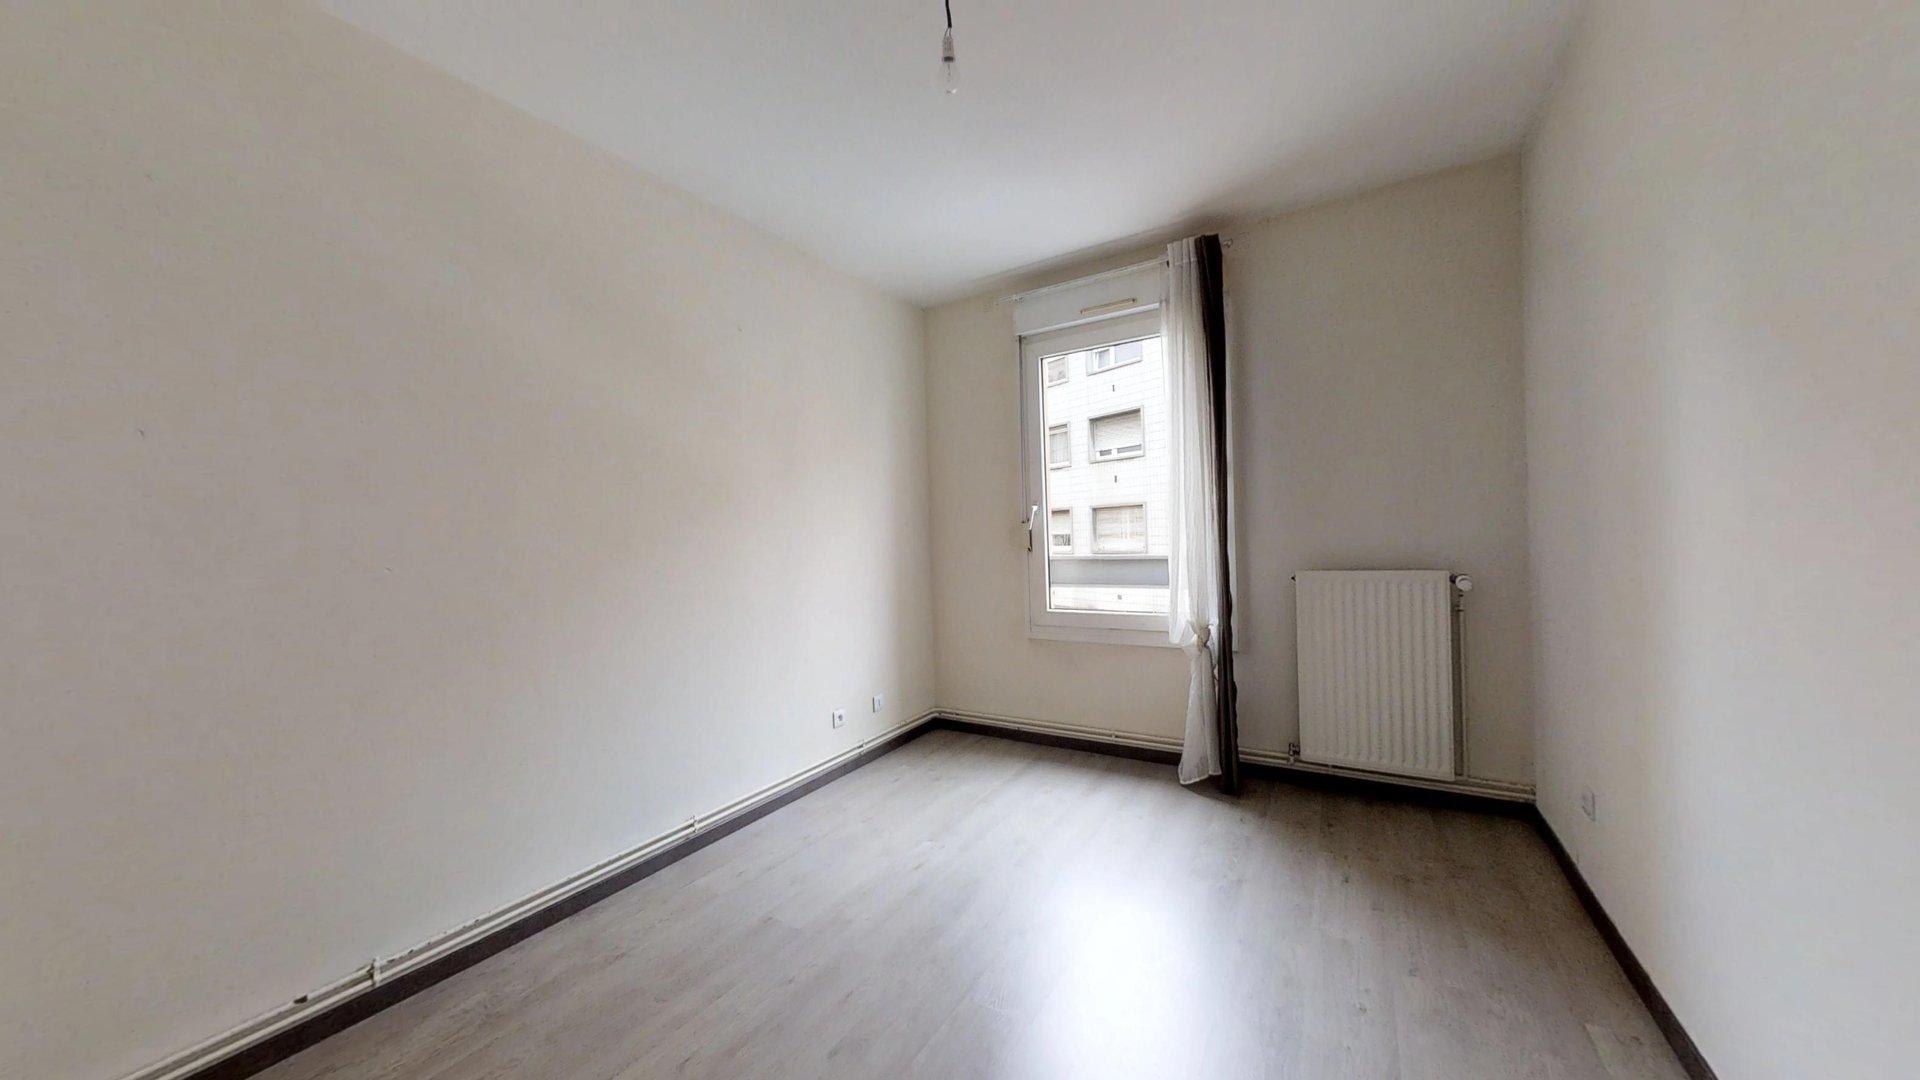 Appartement F2 au centre ville de Montigny les Metz avec cuisine équipée et parking